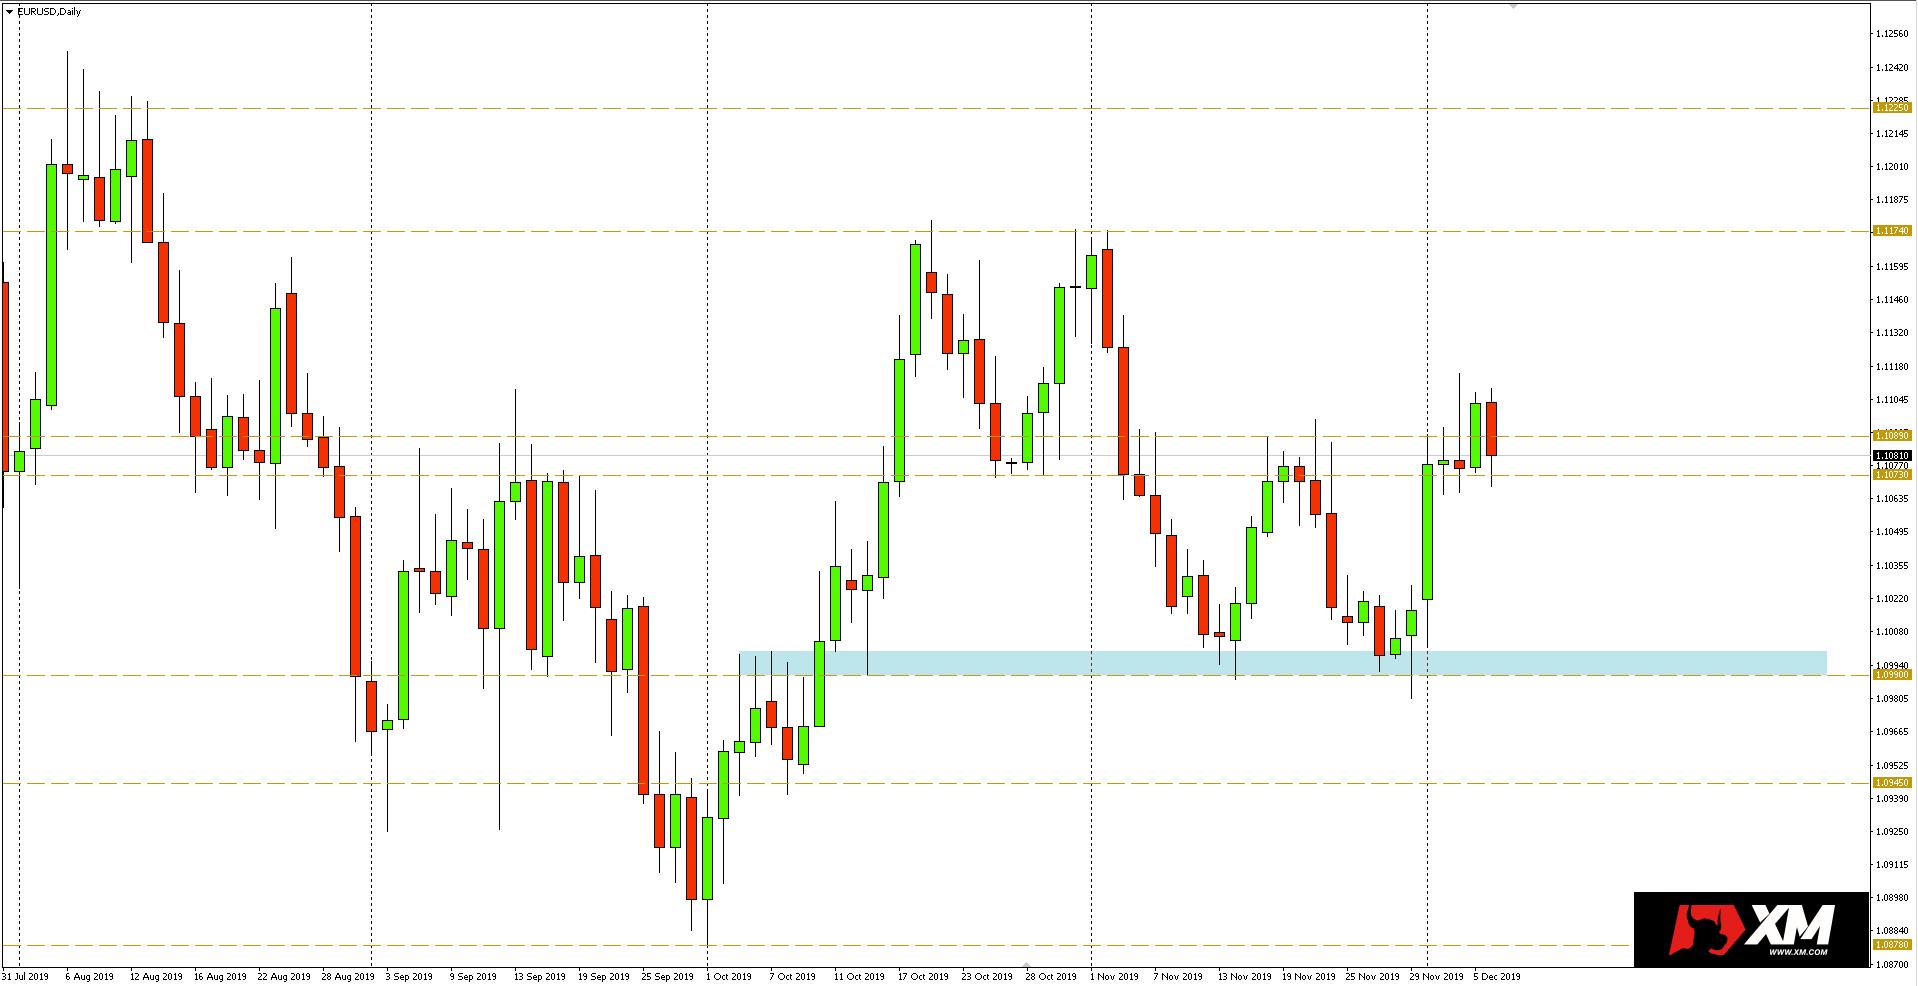 Wykres dzienny pary walutowej EURUSD - 06.12.2019 r.